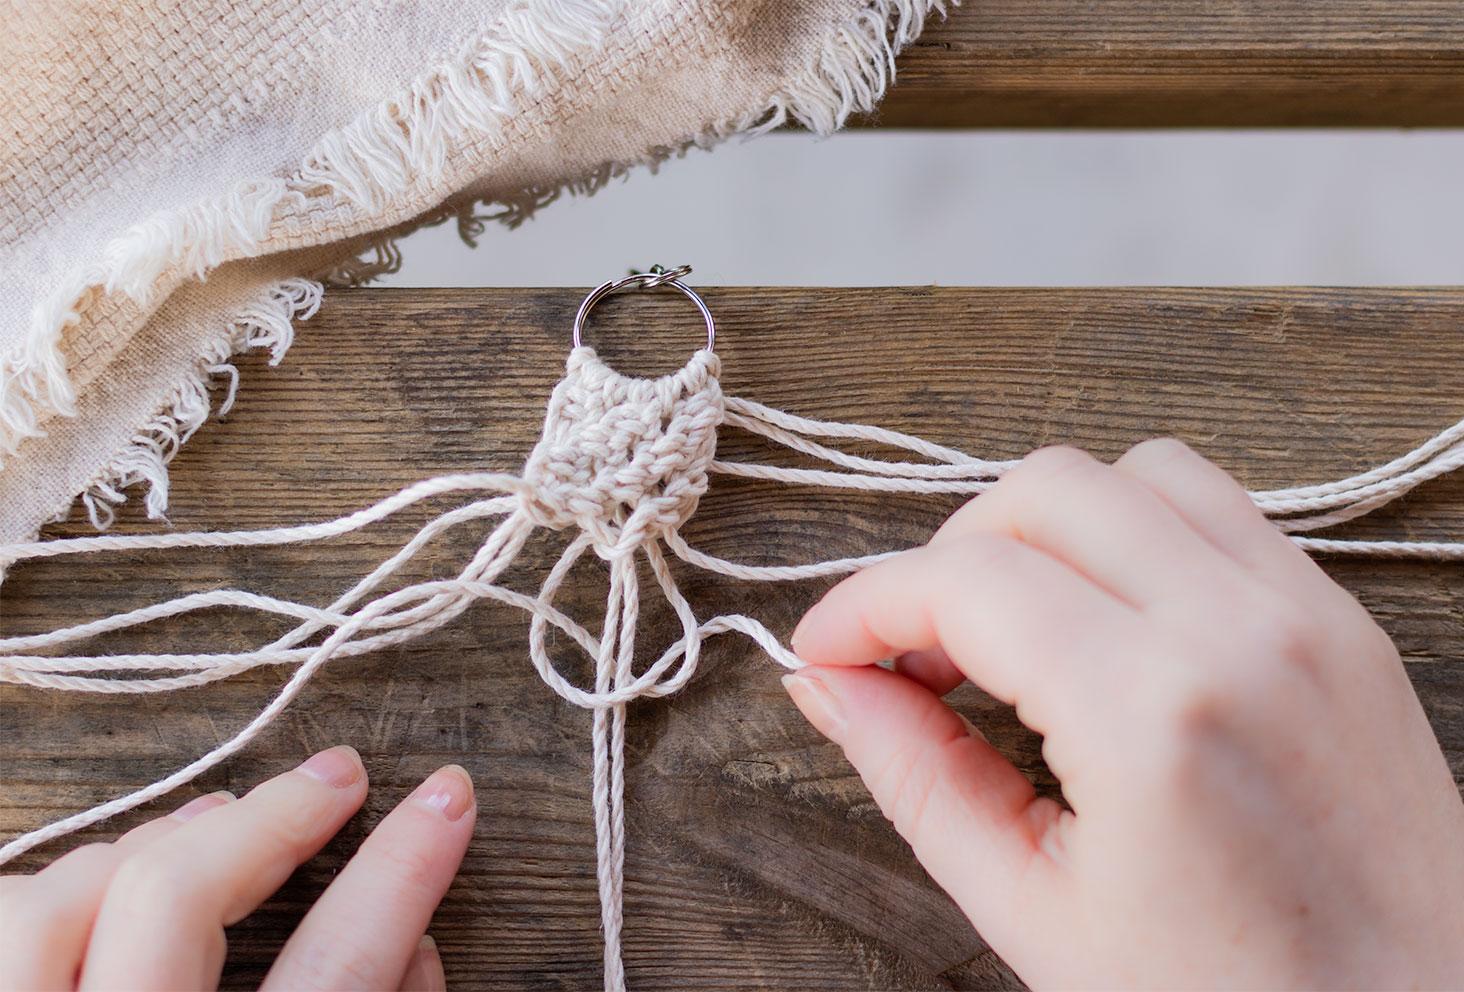 Réalisation d'un nœud demi-plat pour macramé posé sur une table en bois